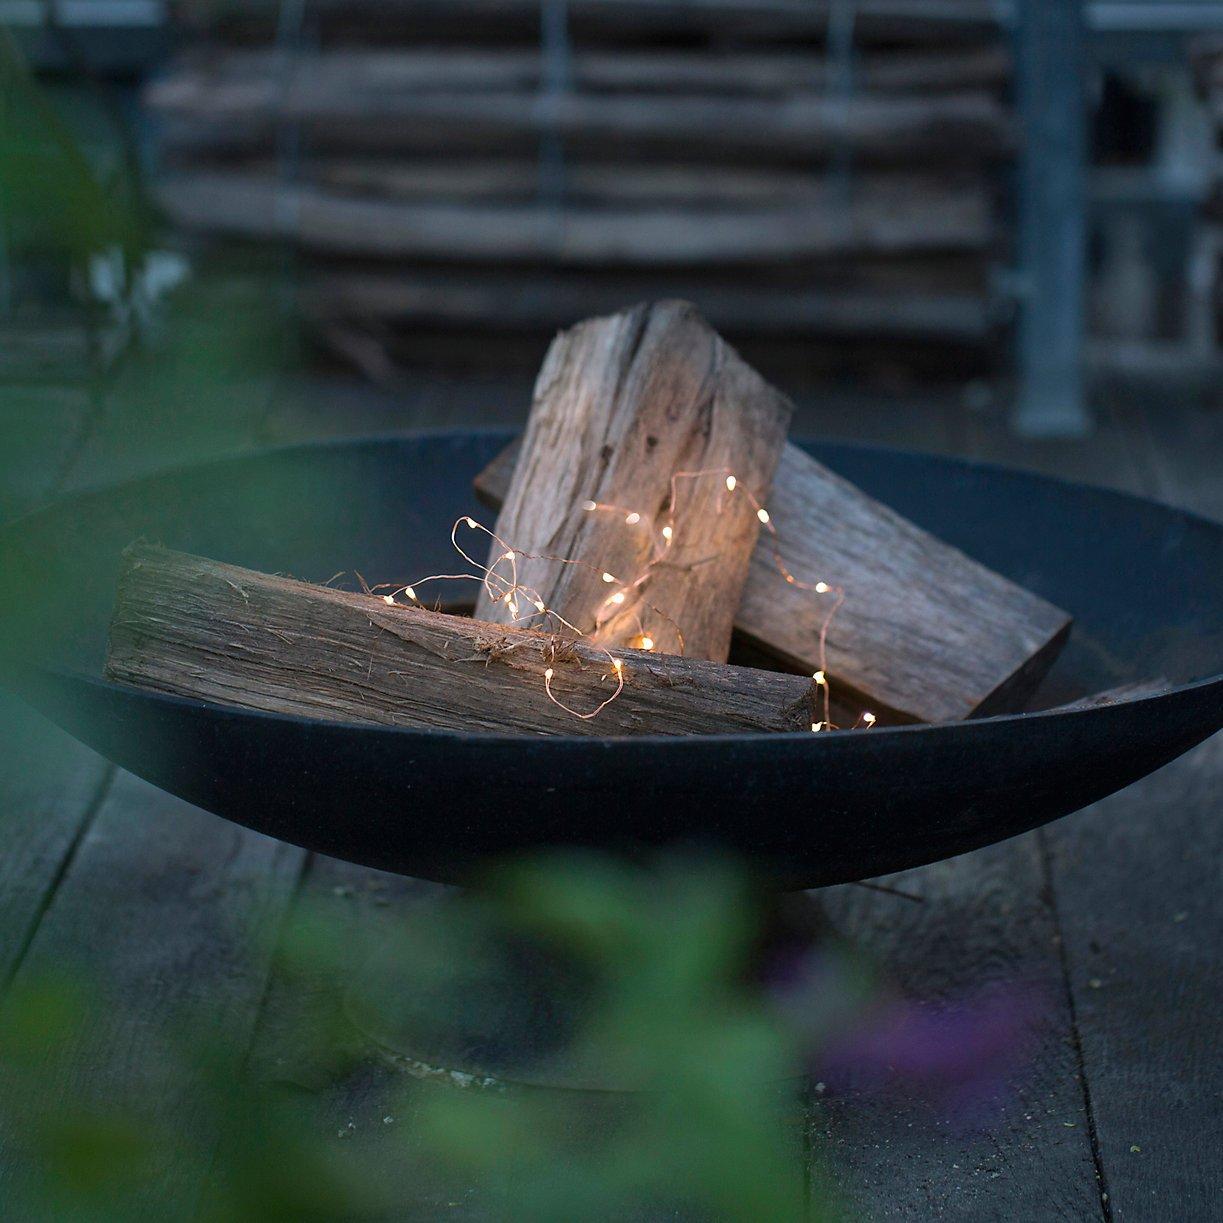 lieu-flames-pile-scattering-lights-atop-fireplace-logs.jpg